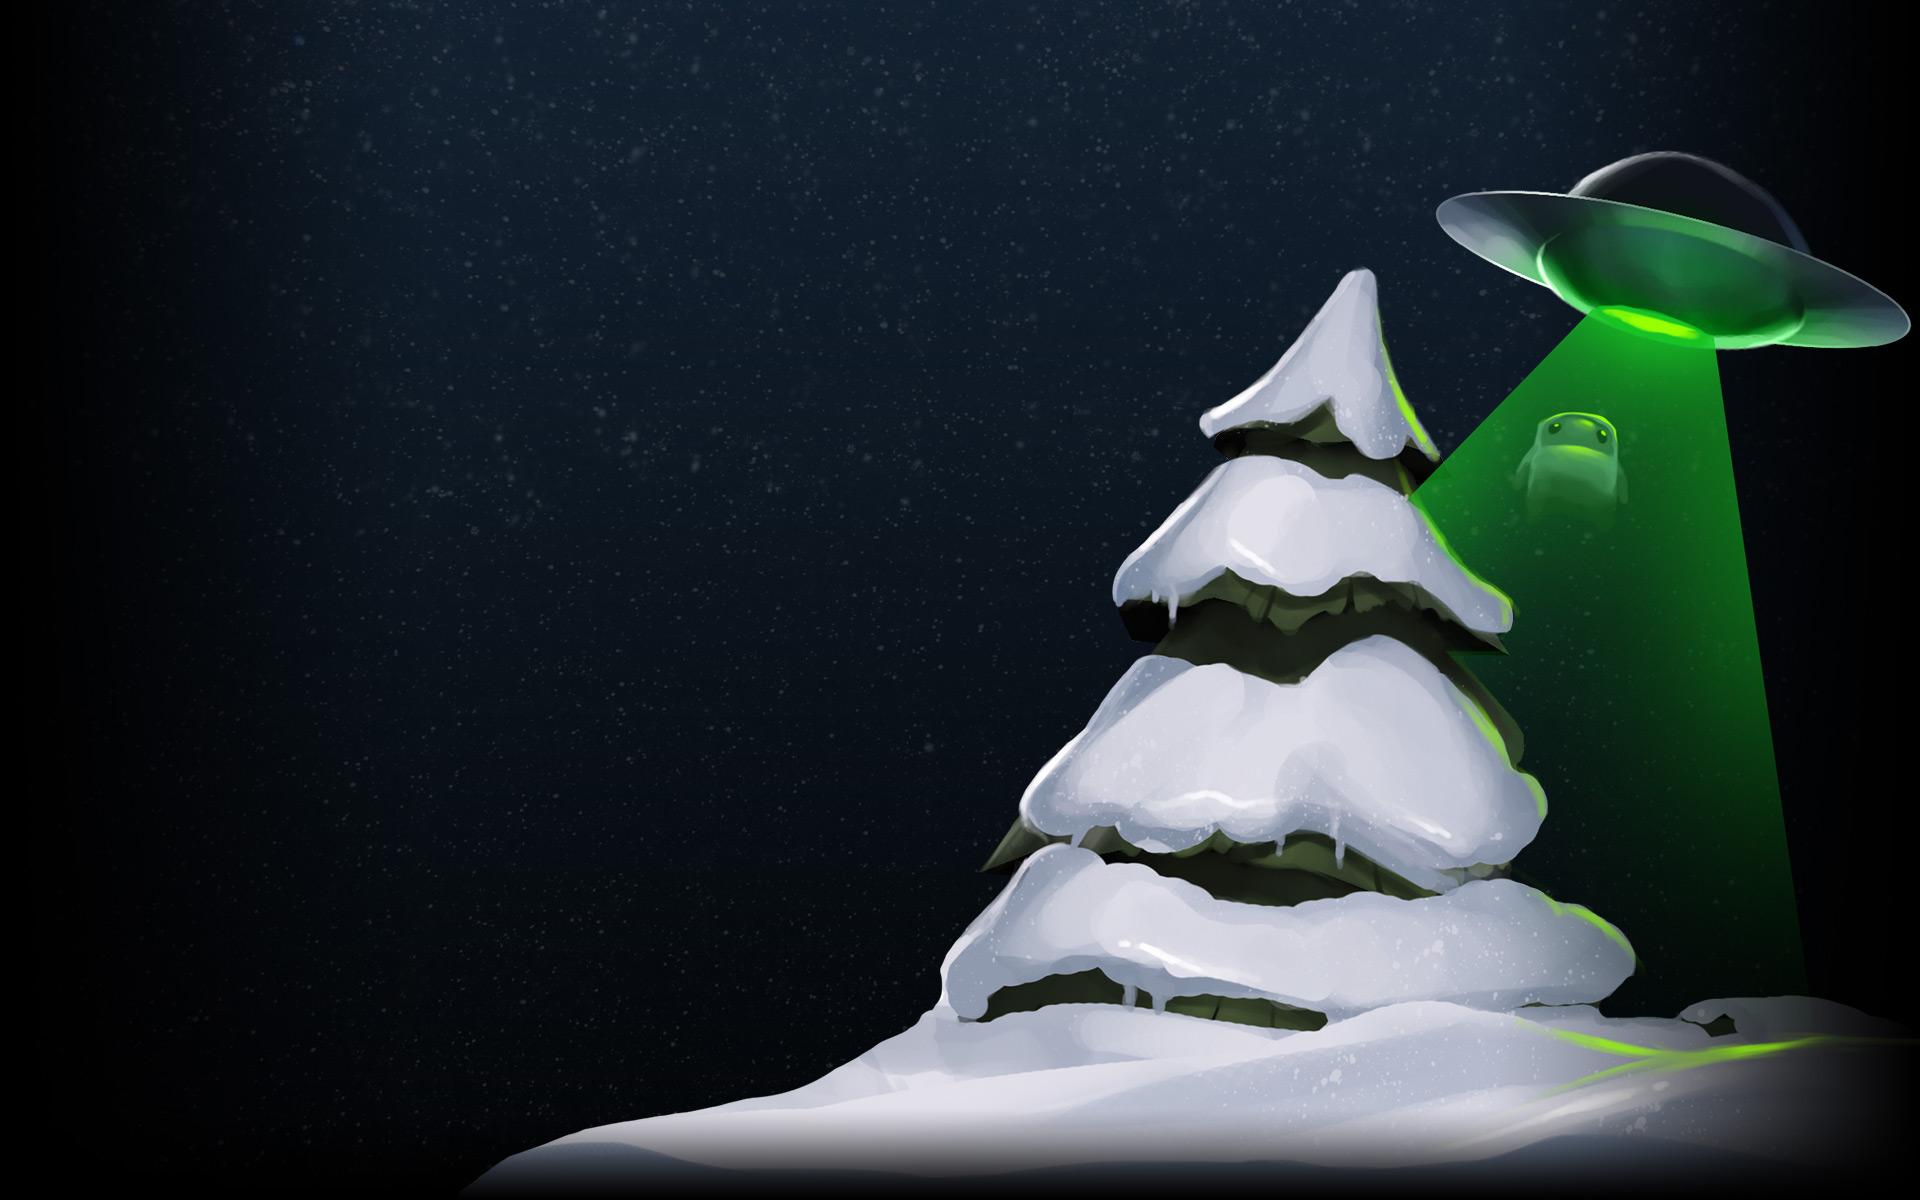 зимняя сказка  фон F7bd3ffe33393f8274b3bb3fe8efa4ff3b20436d